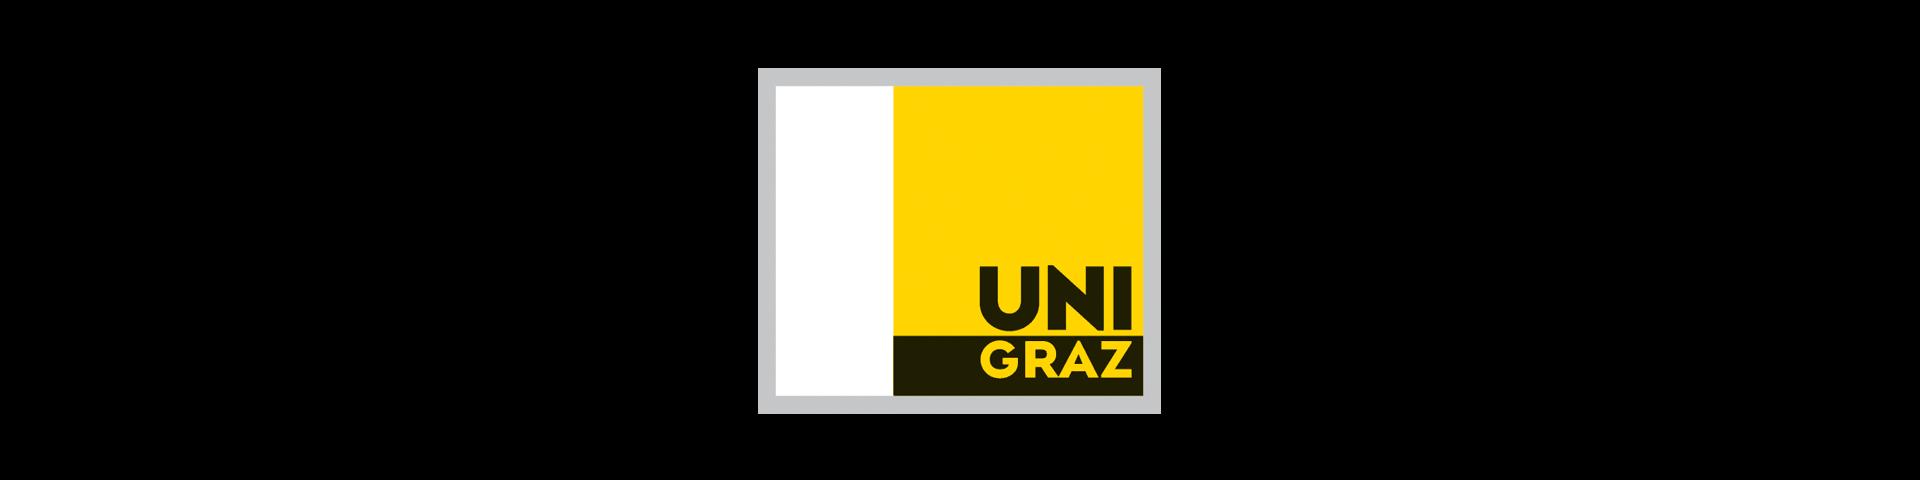 Header Karl-Franzens-Universität Graz